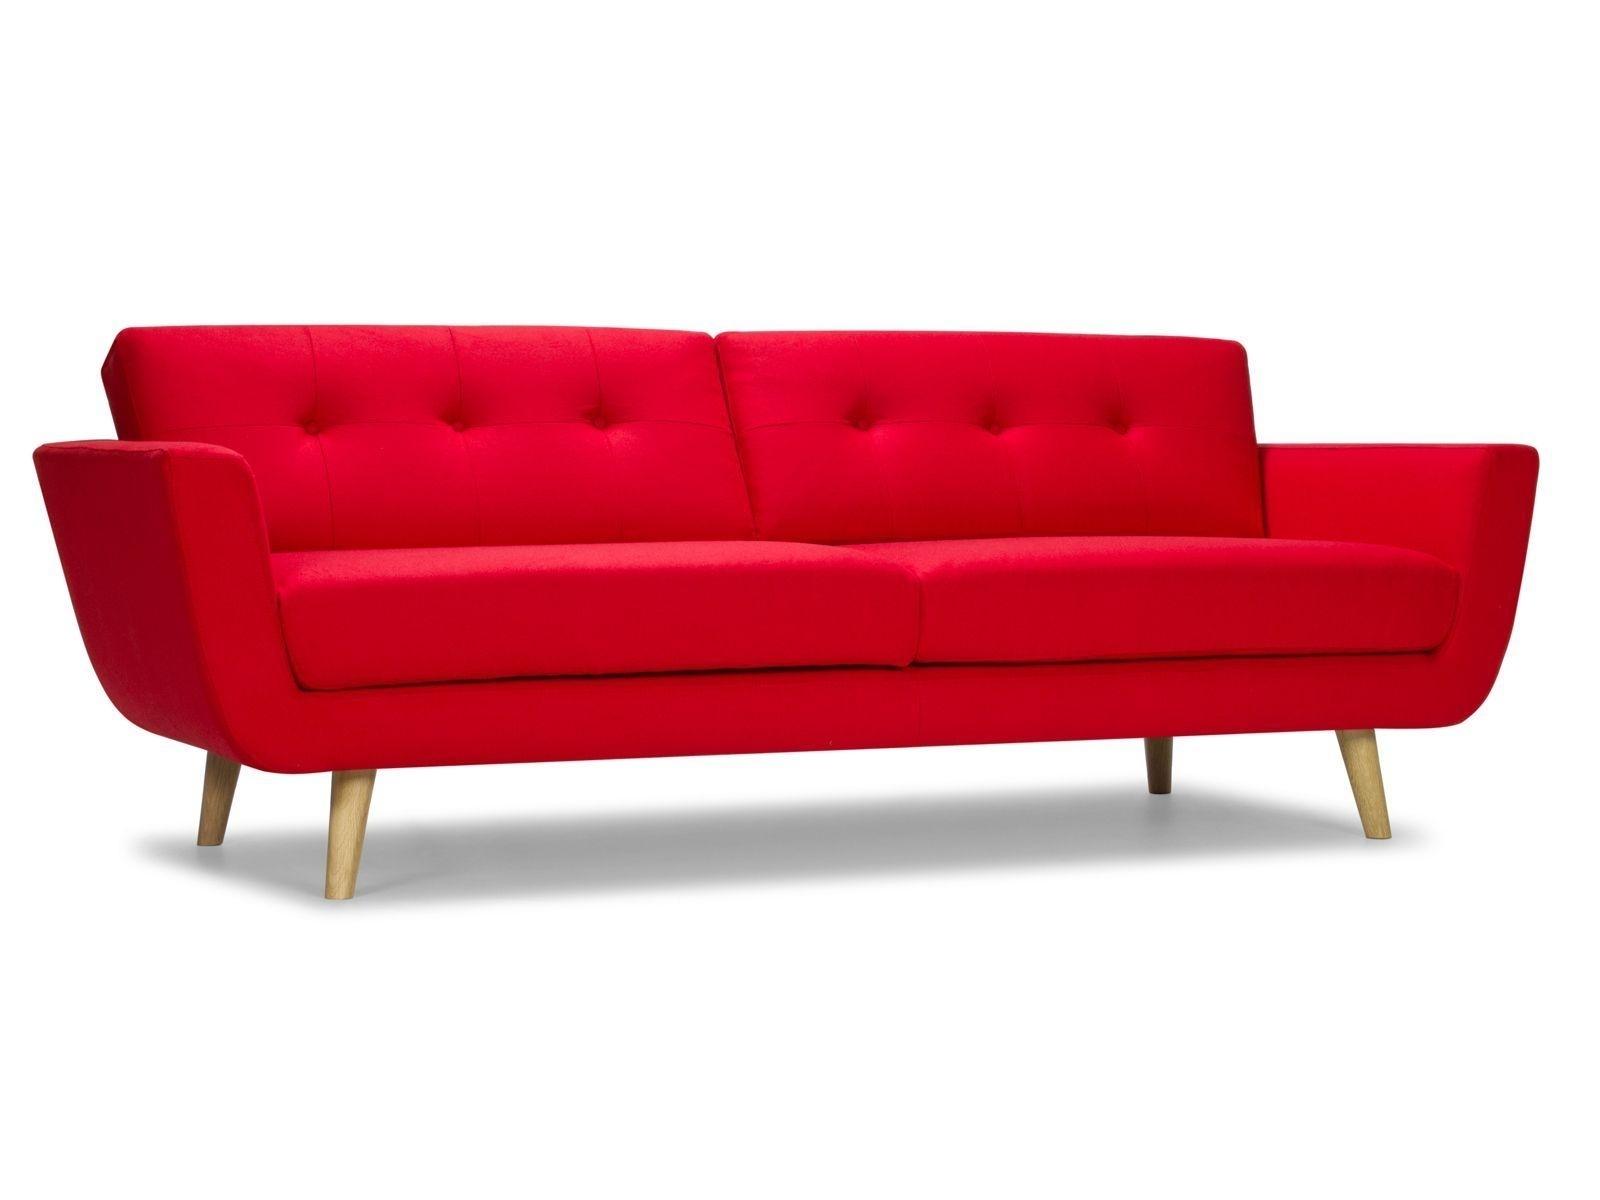 20 Photos Retro Sofas And Chairs | Sofa Ideas Regarding Retro Sofas (Photo 1 of 10)